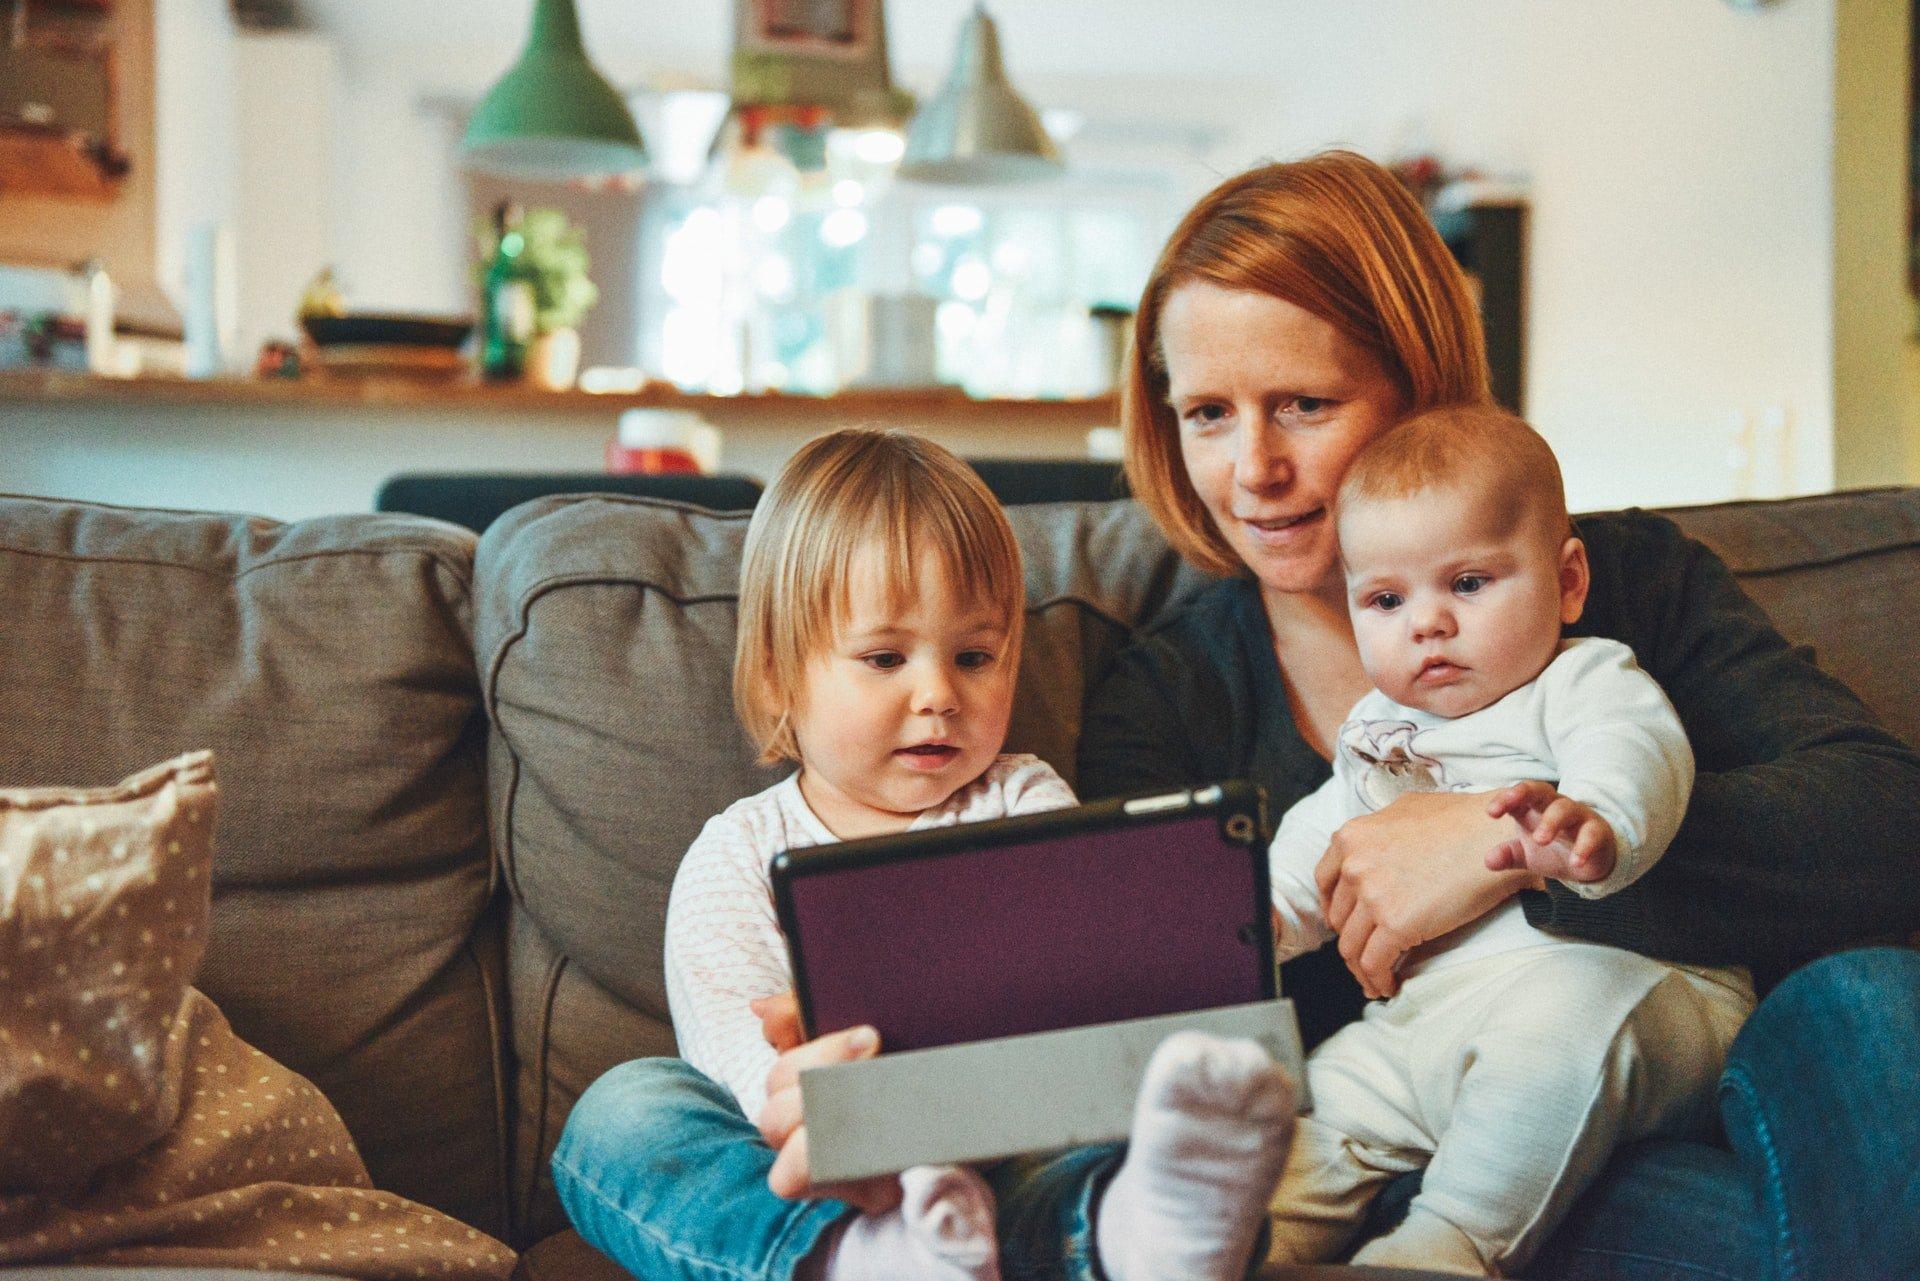 aeioTU - Los niños pequeños si pueden aprender en casa